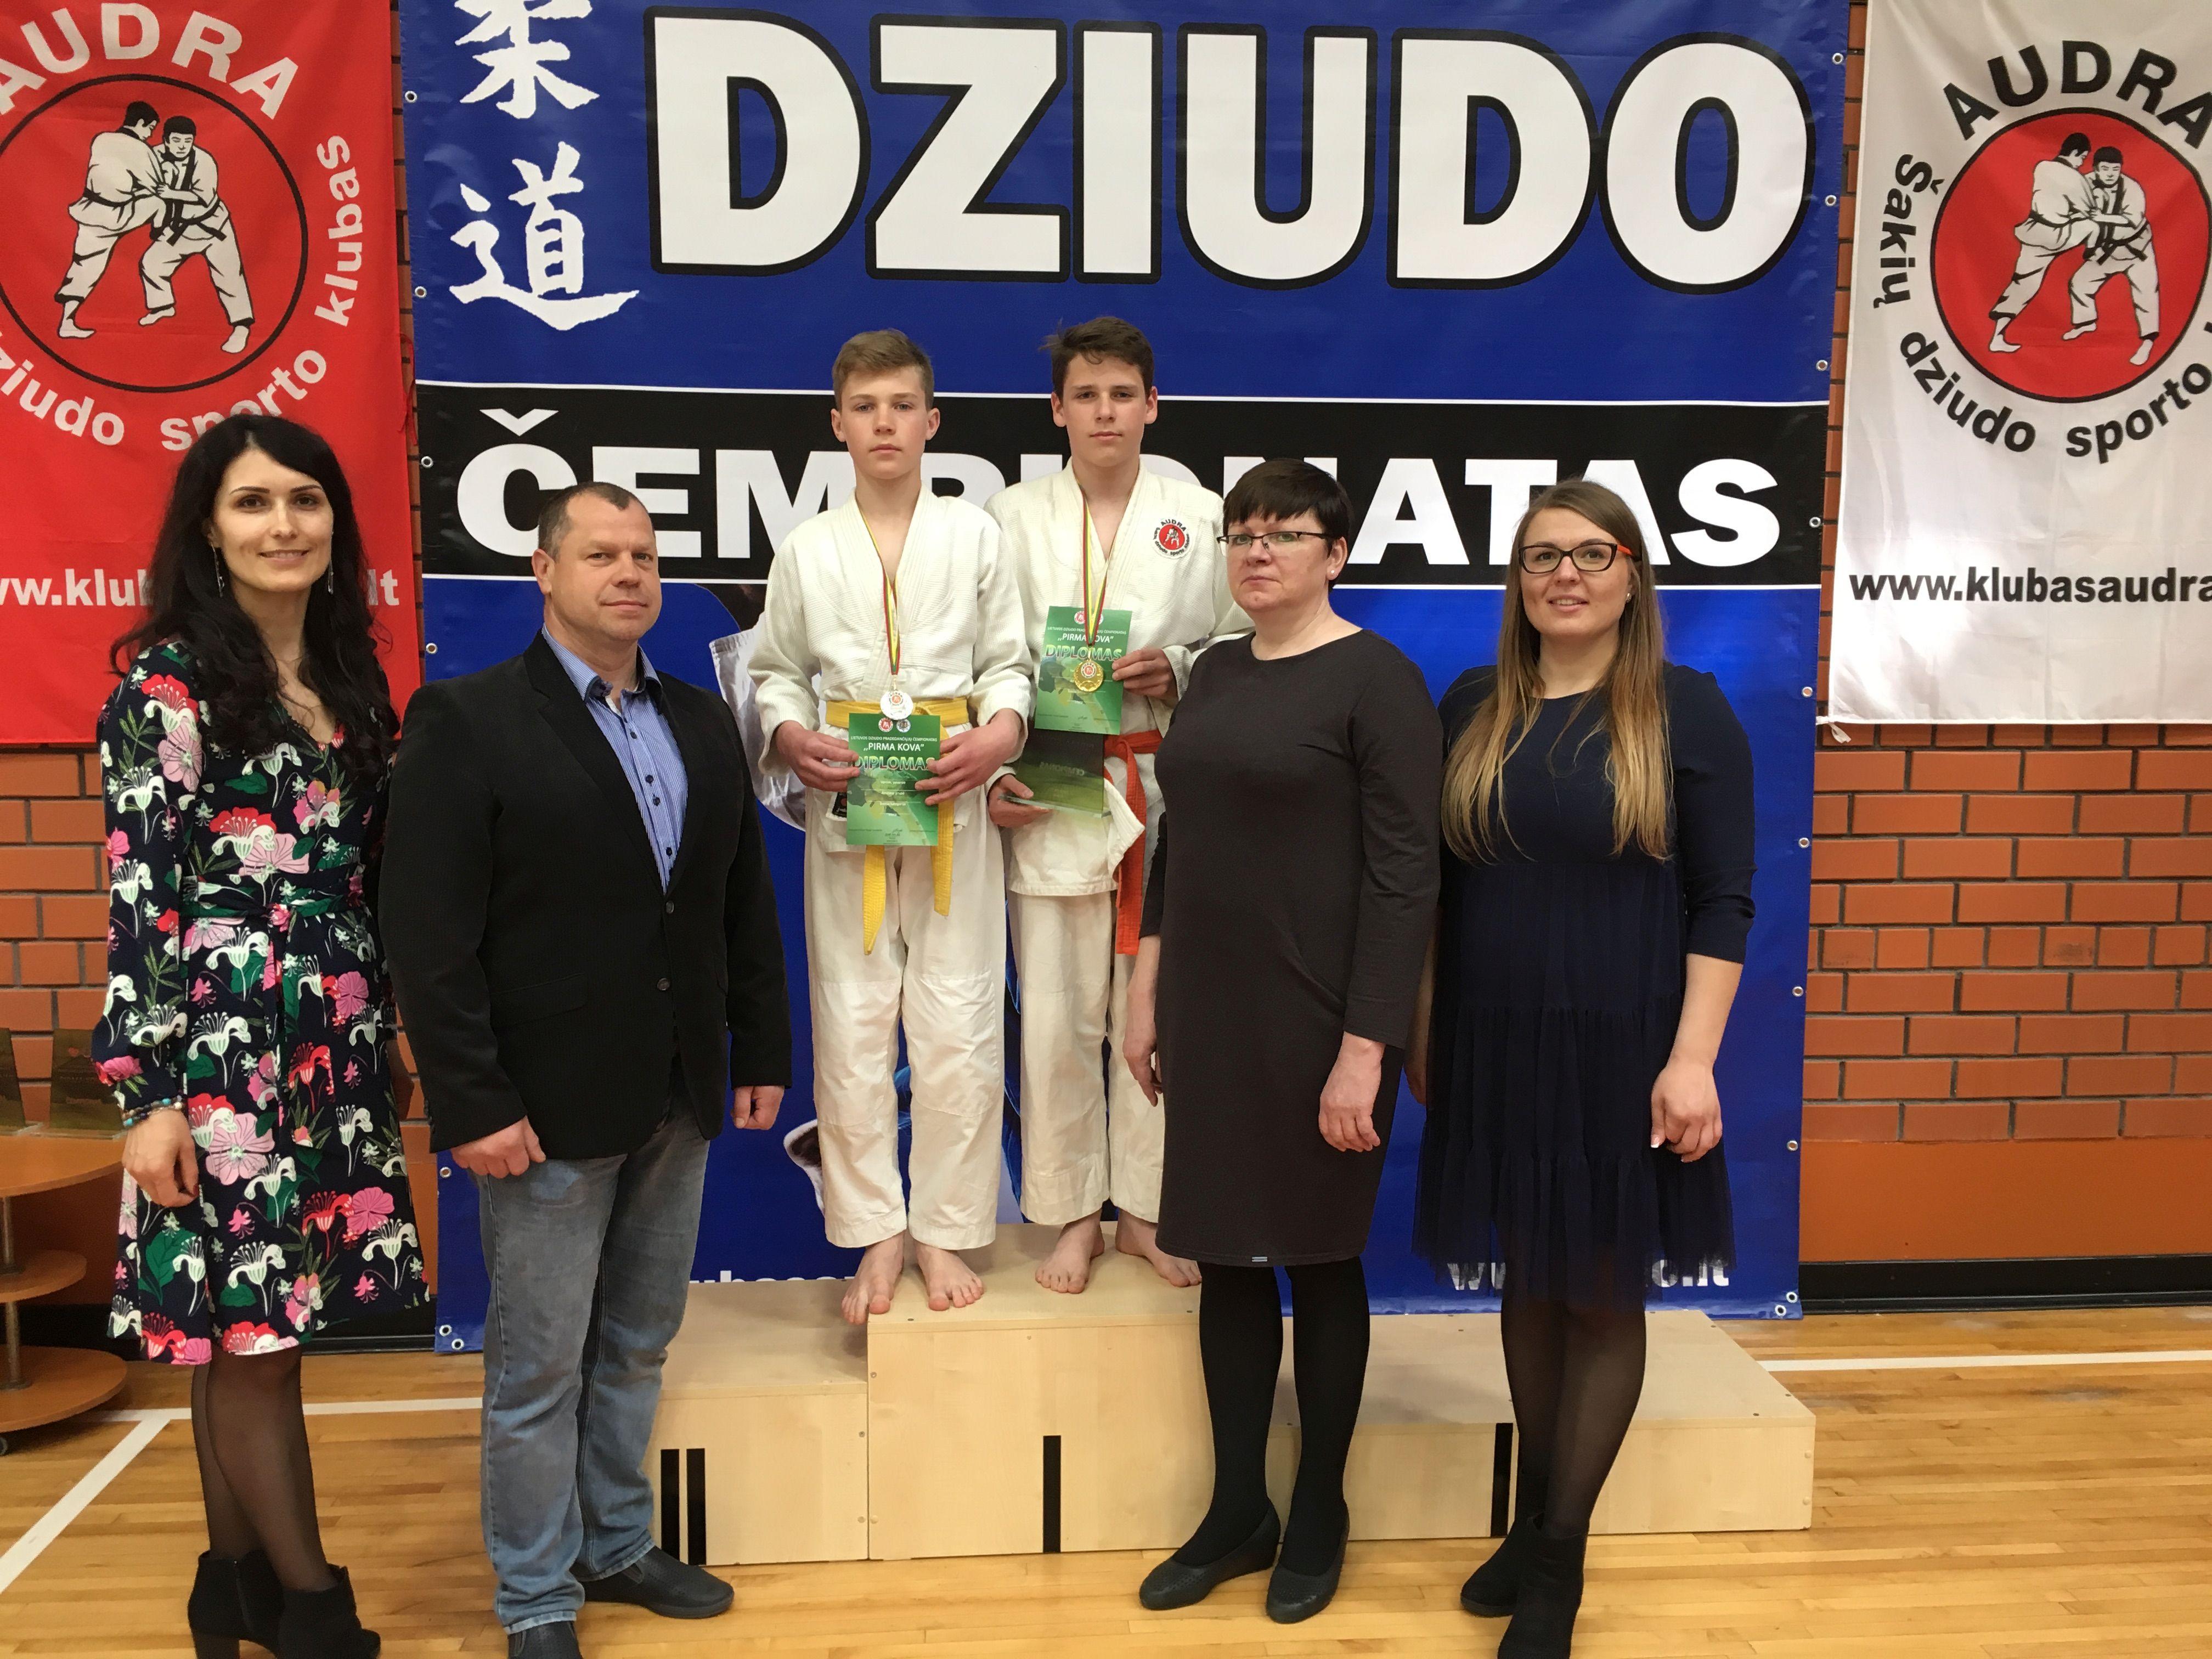 Dziudo pradedančiųjų čempionate – šakiškių pergalės